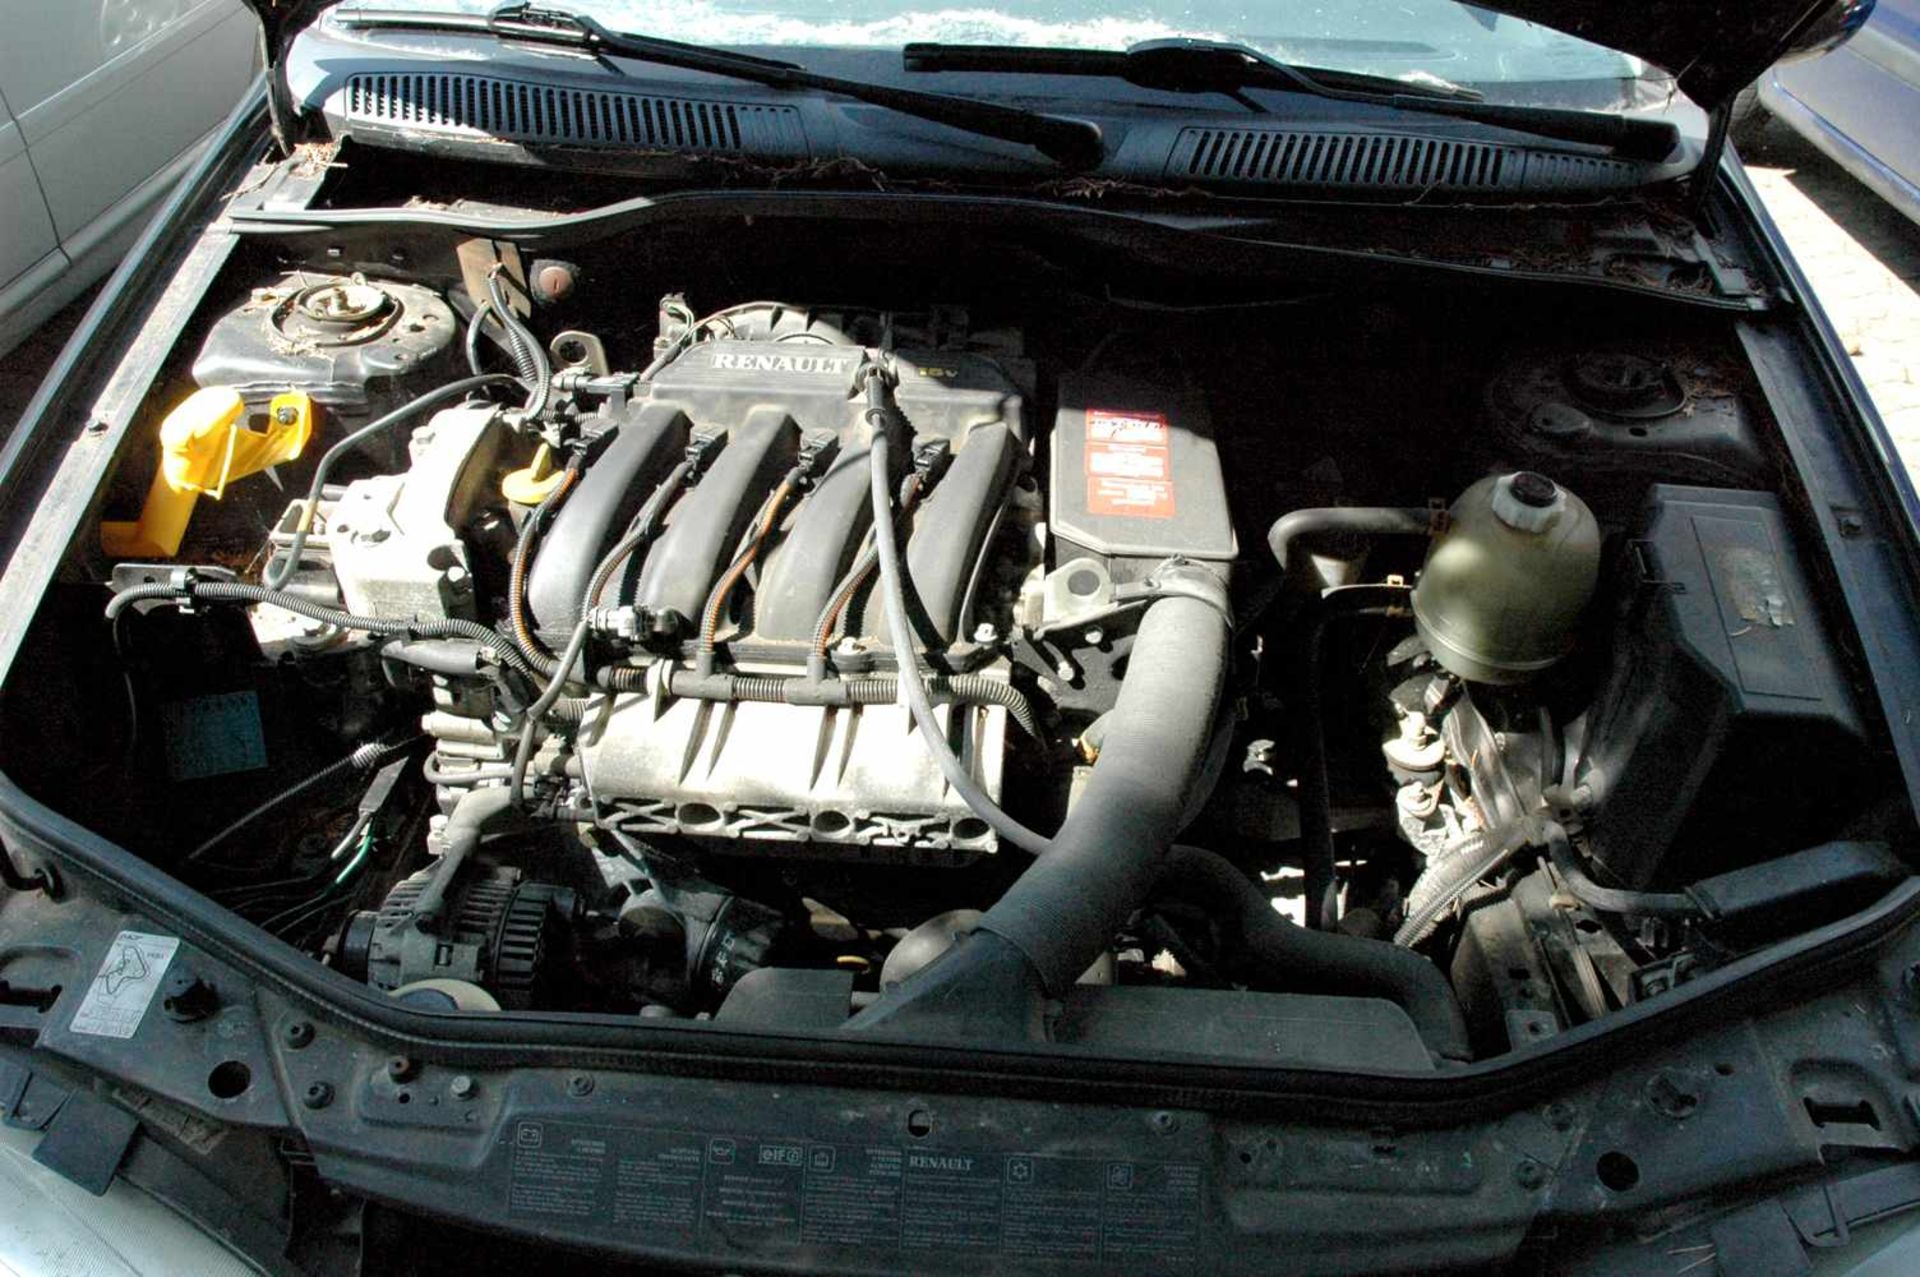 PKW, Renault Megane, EZ 06/99, schwarz - Bild 7 aus 10